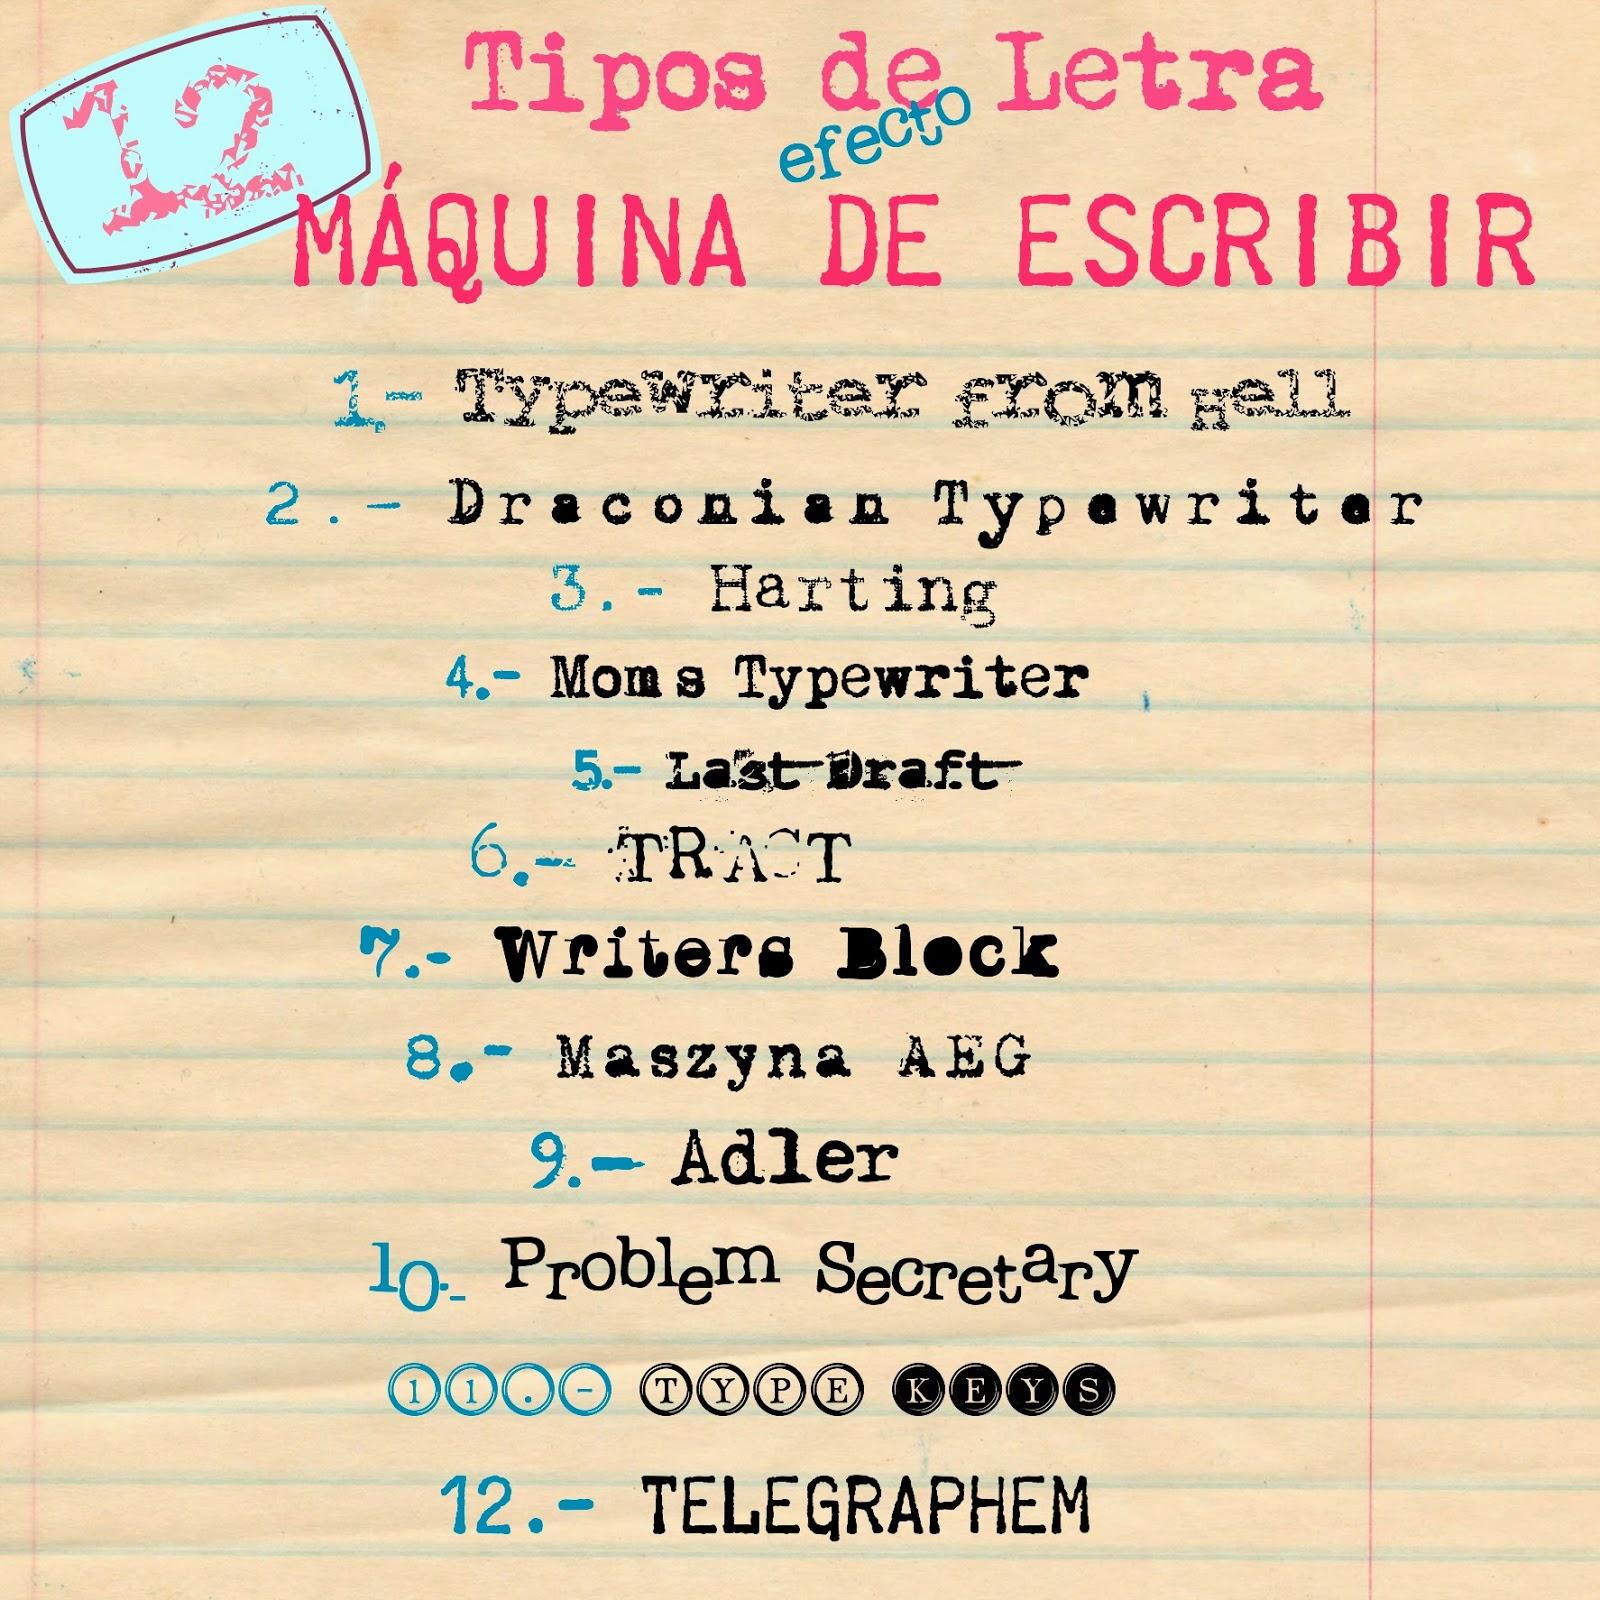 Fuentes Tipos de Letra efecto Máquina de Escribir